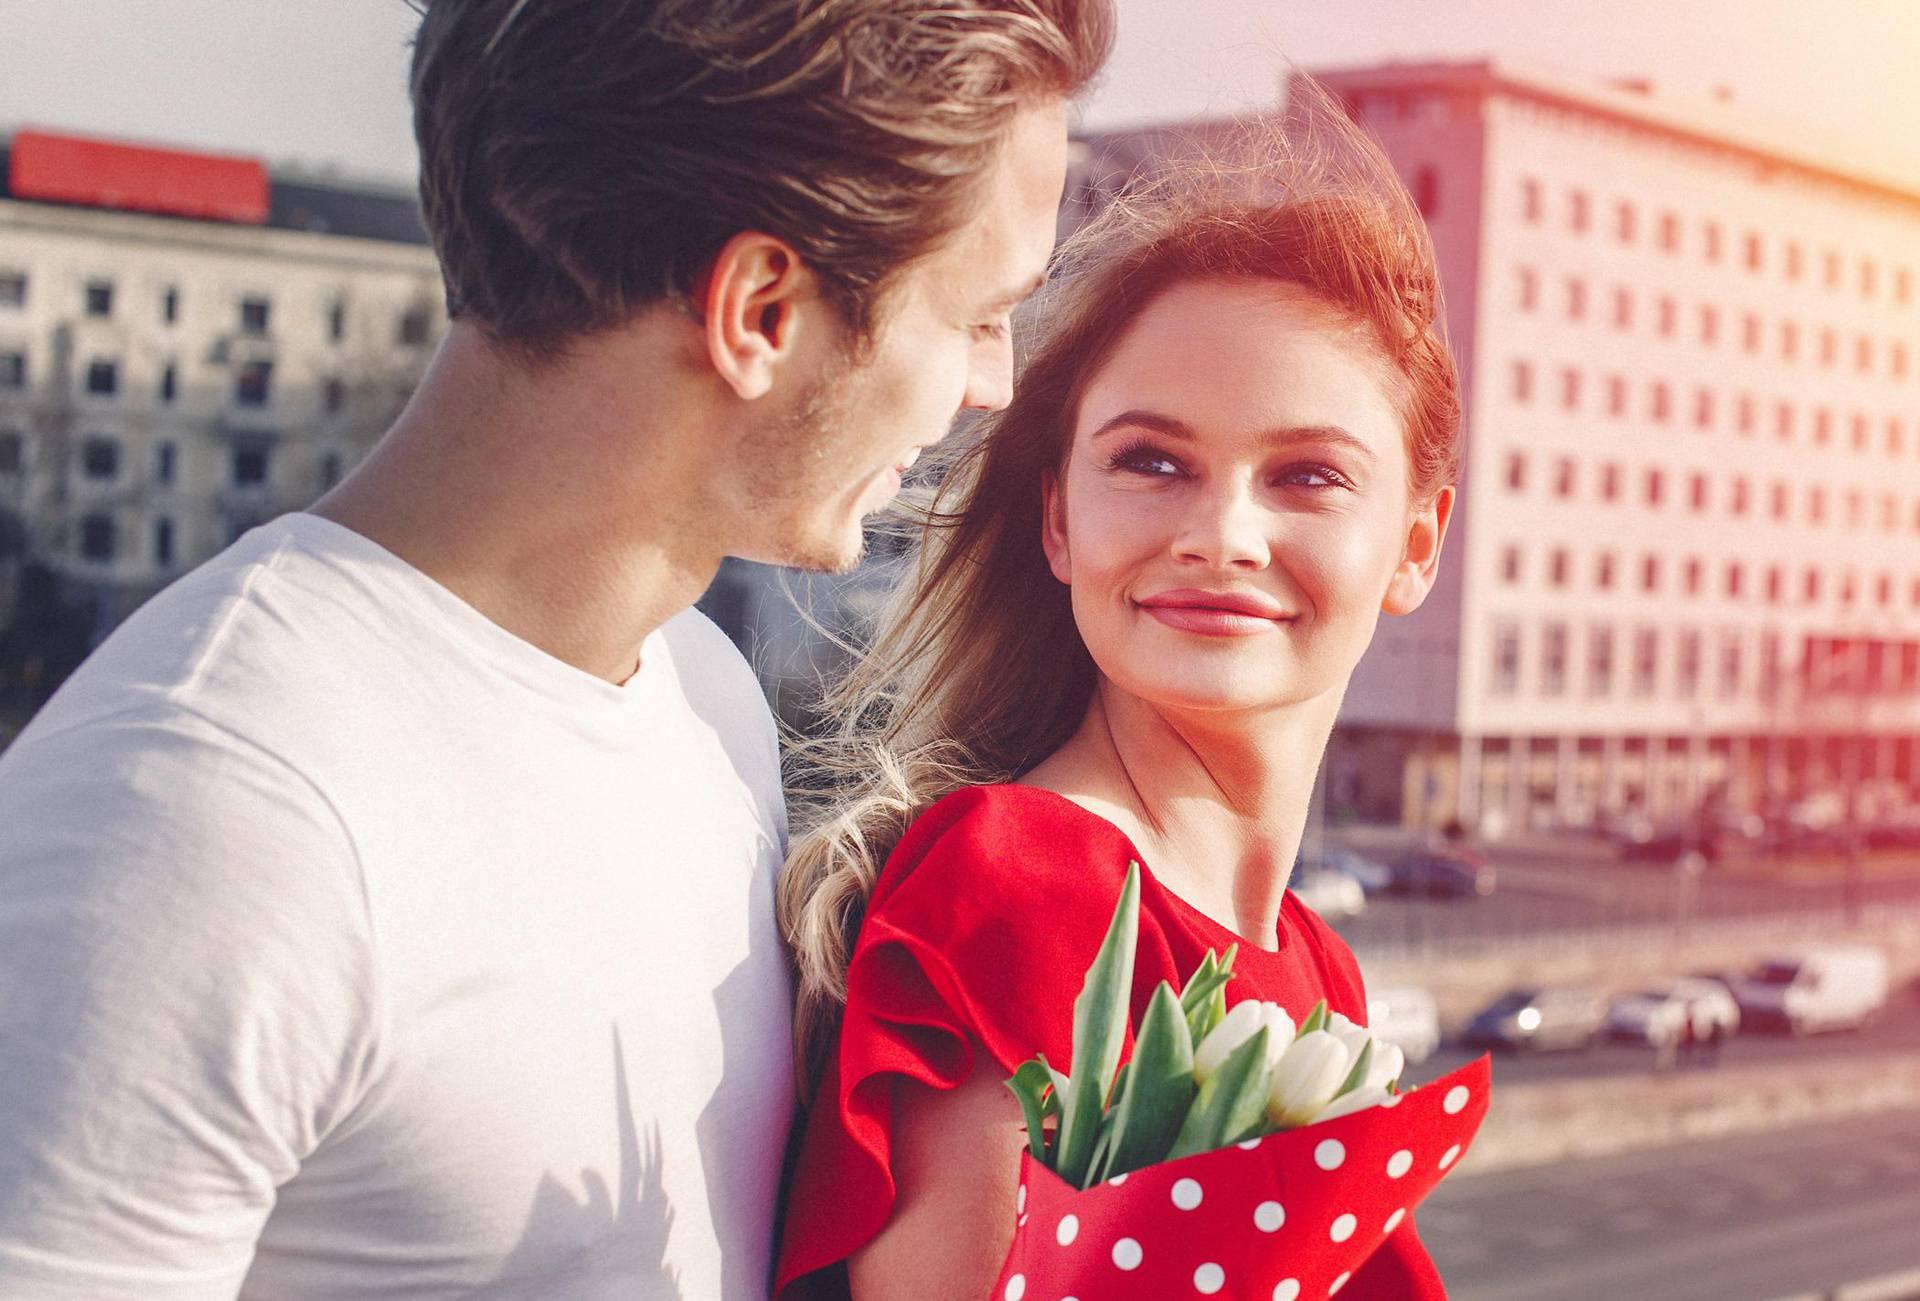 Koncept srodne duše u ljubavi - što to uopće znači 2020. godine